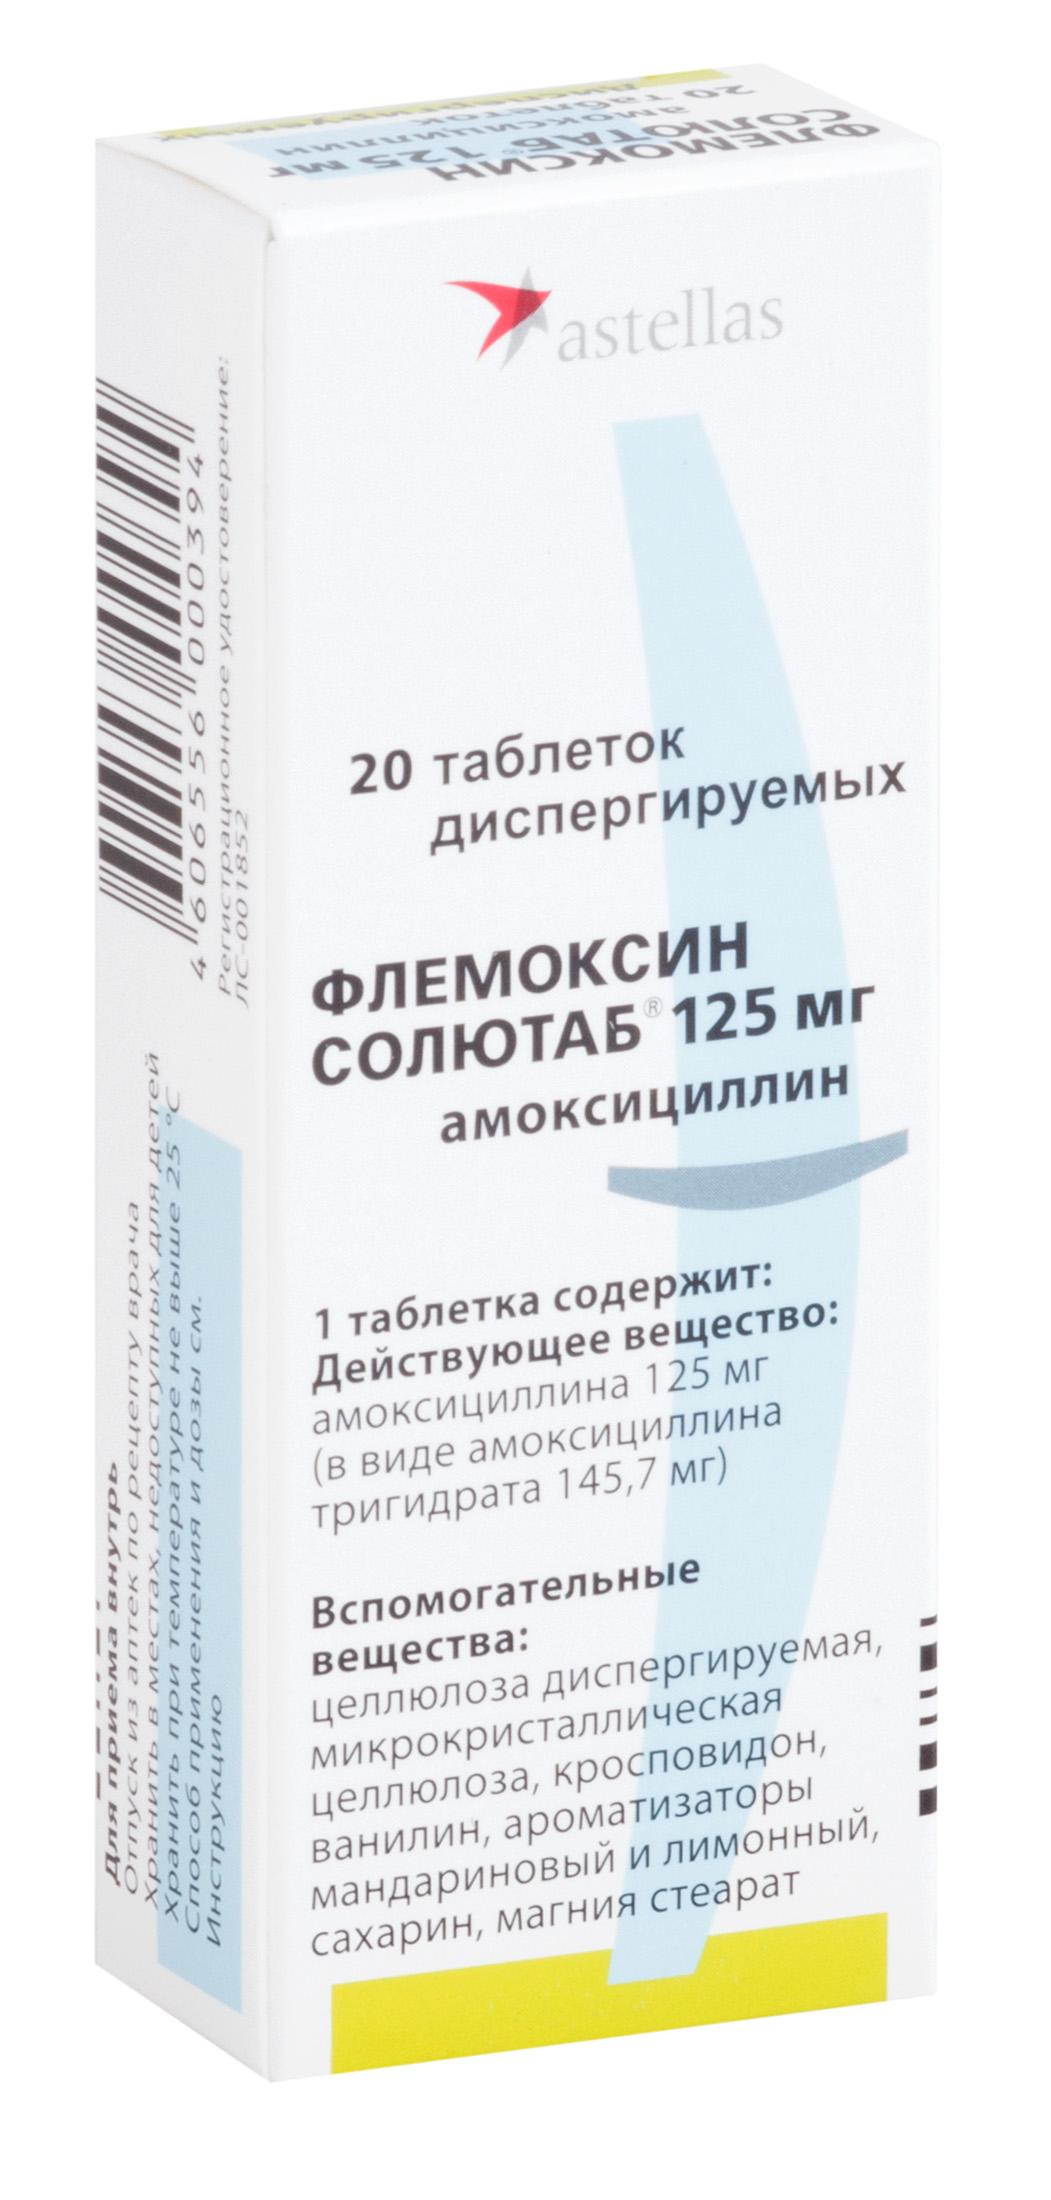 Флемоксин солютаб таб. дисперг. 125мг n20